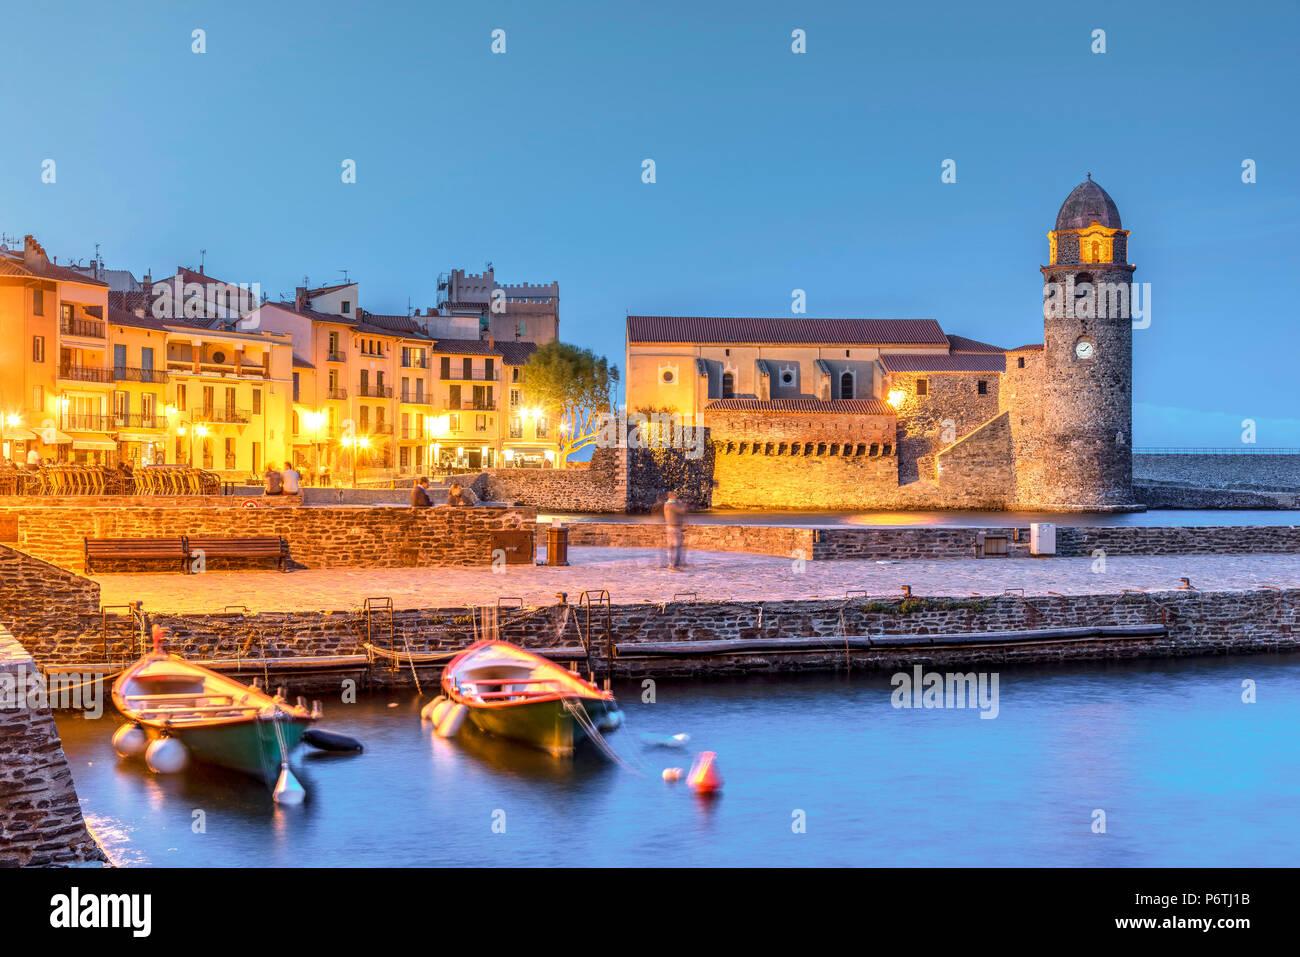 Vista notturna di Collioure, Pyrenees-Orientales, Francia Immagini Stock